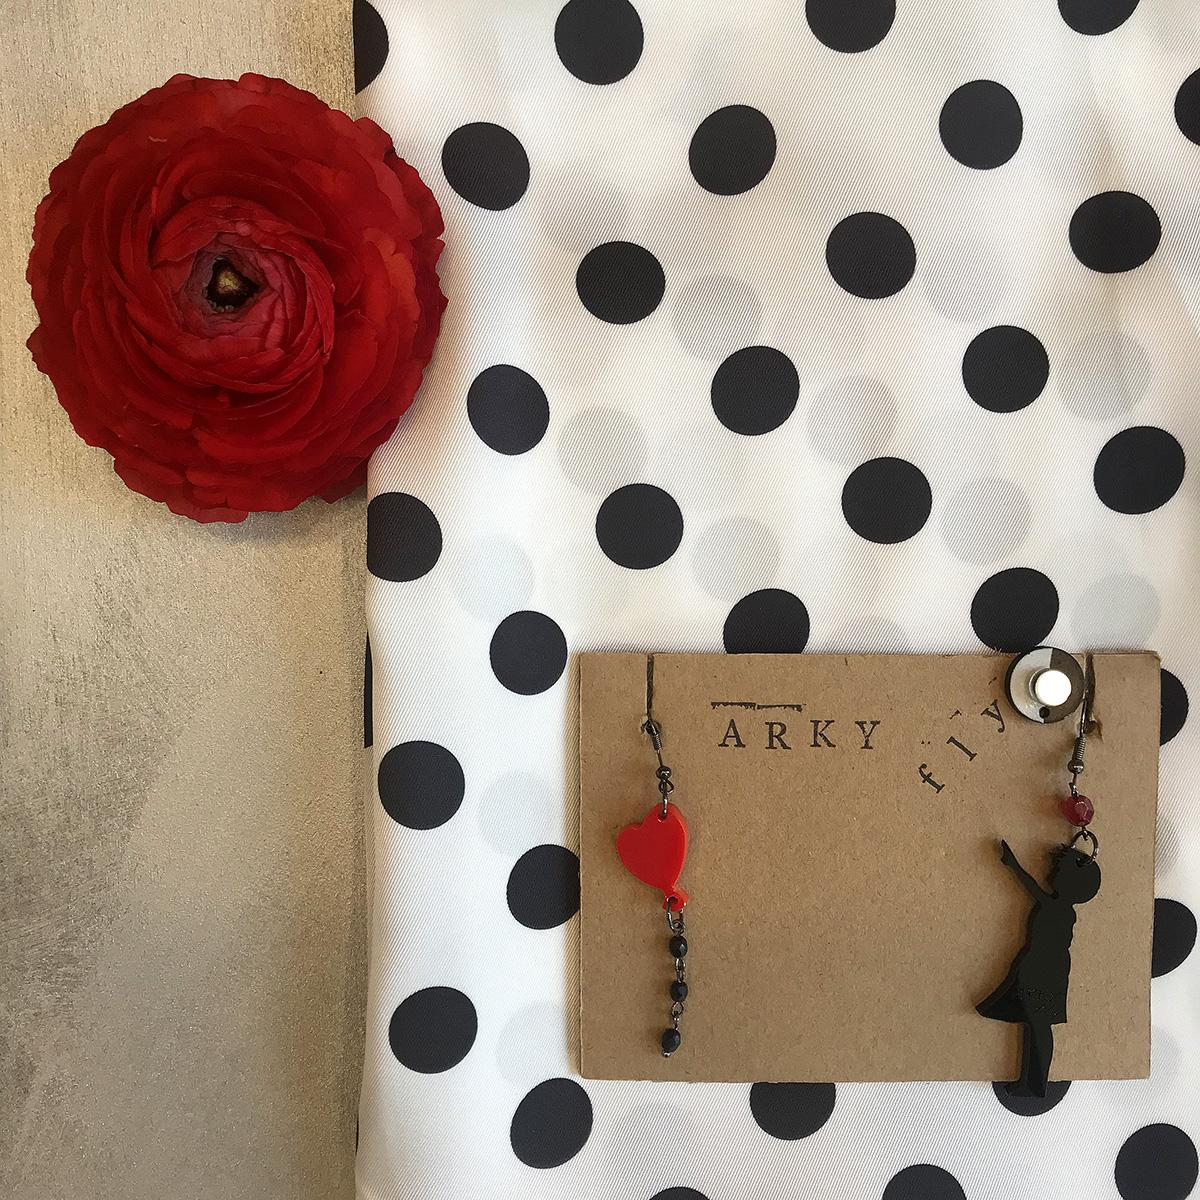 orecchini-arky-fly-plexiglass-accessori-moda-artigianato-handmade-bimba-con-palloncino-crazy-art-torino